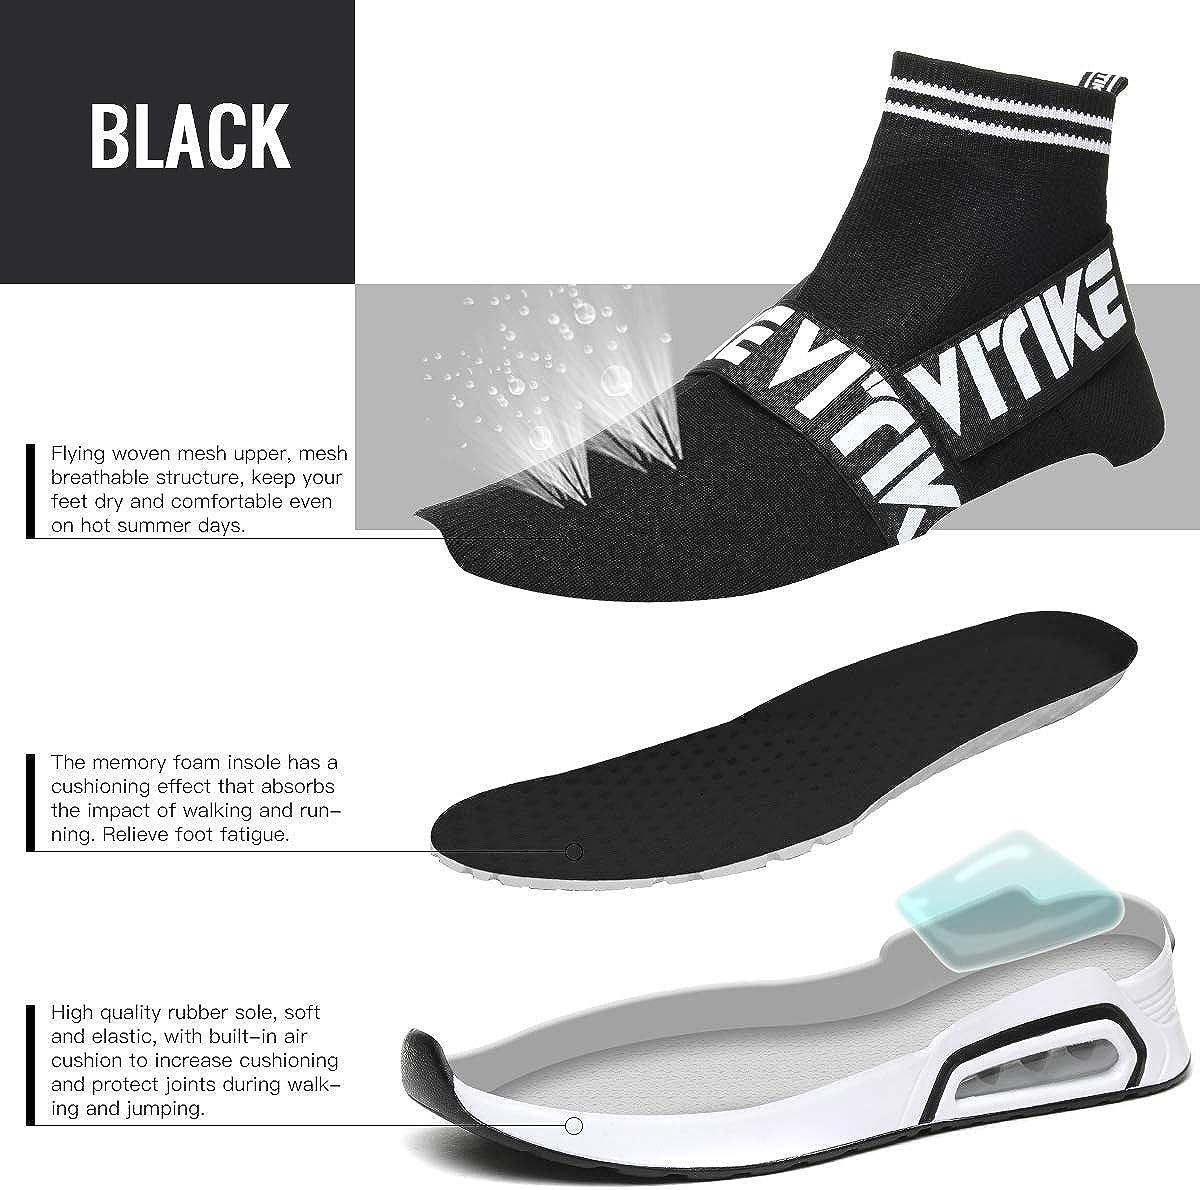 Zapatillas de Deportes Hombre Mujer Zapatos Deportivos Running Zapatillas para Correr Calcetines Zapatos Zapatos para Padres e Hijos(30-41): Amazon.es: Zapatos y complementos